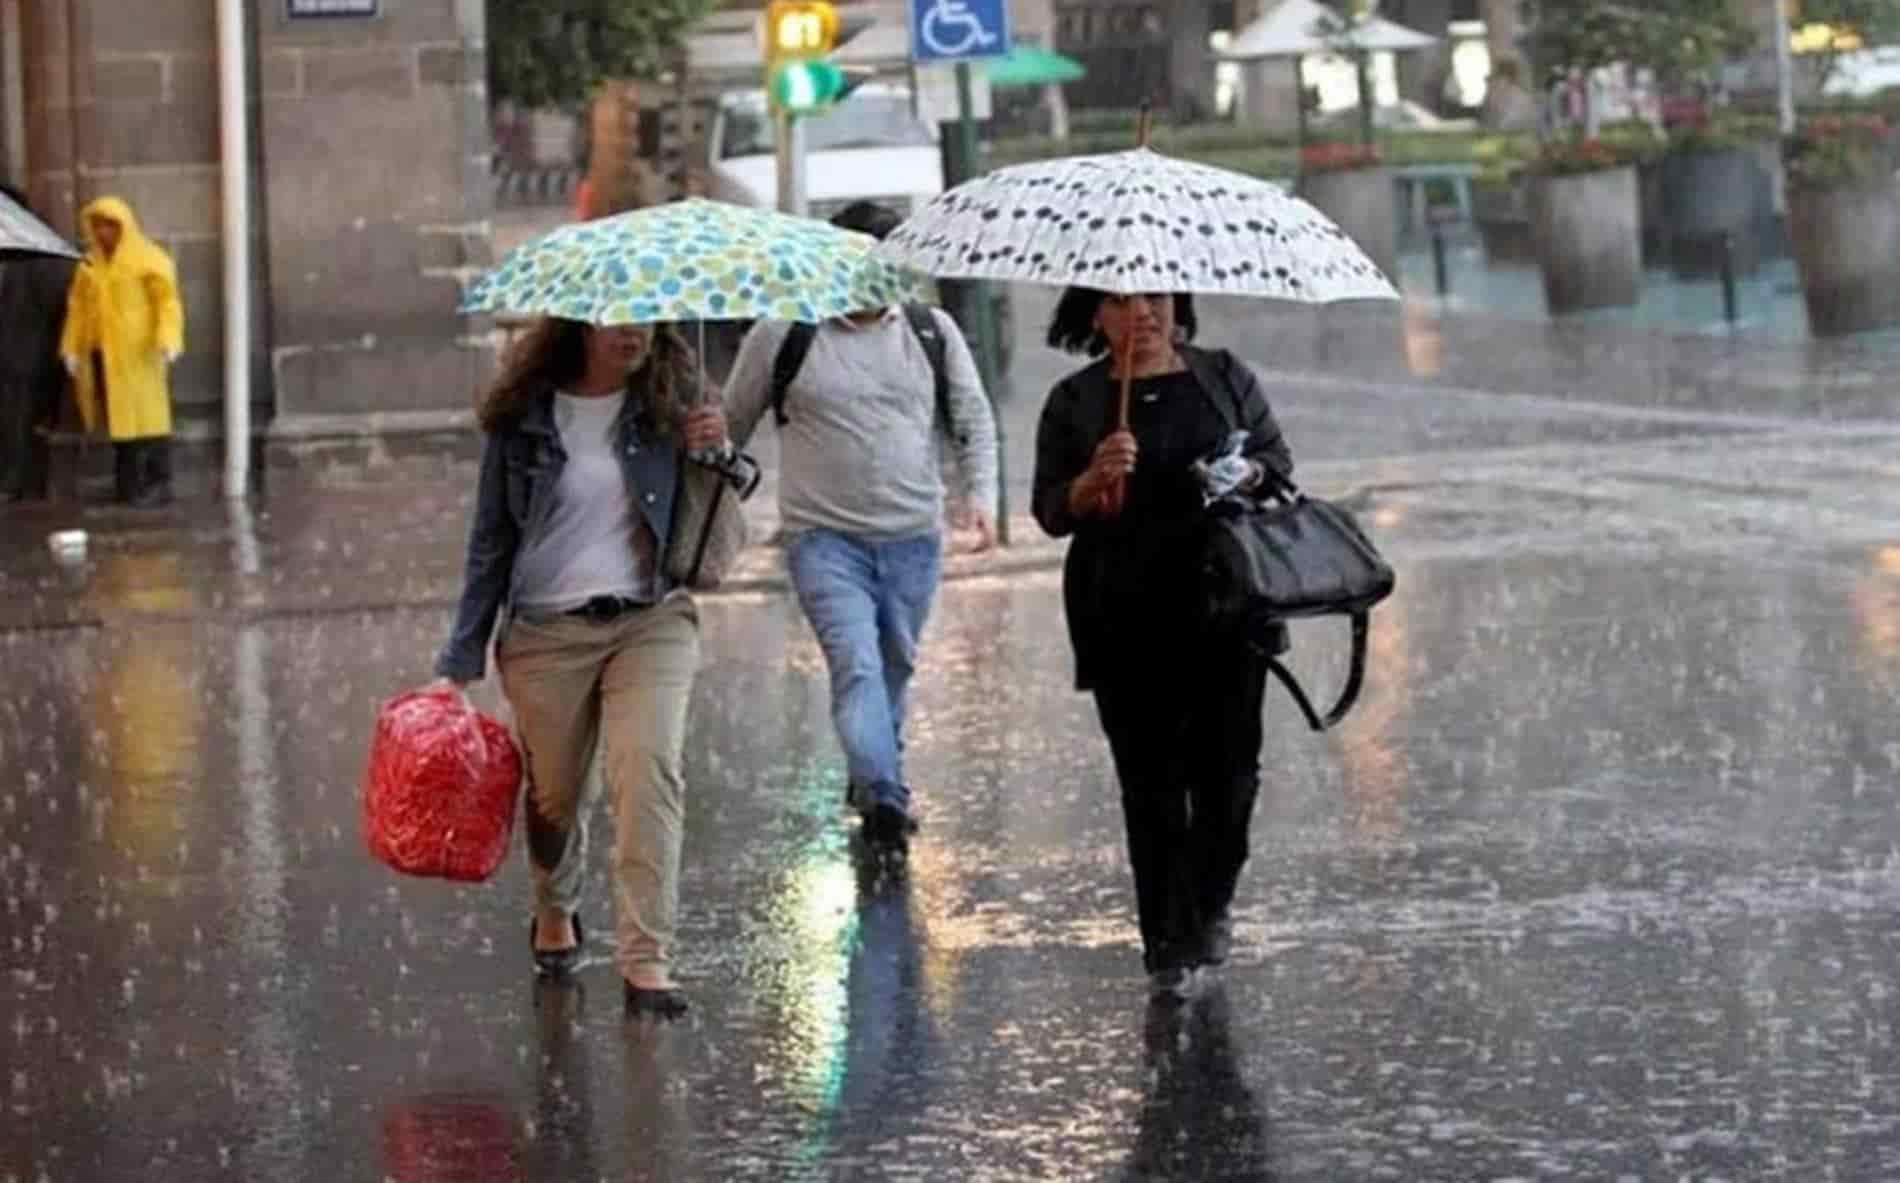 Se prevén este jueves lluvias ligeras en la capital por la tarde- noche